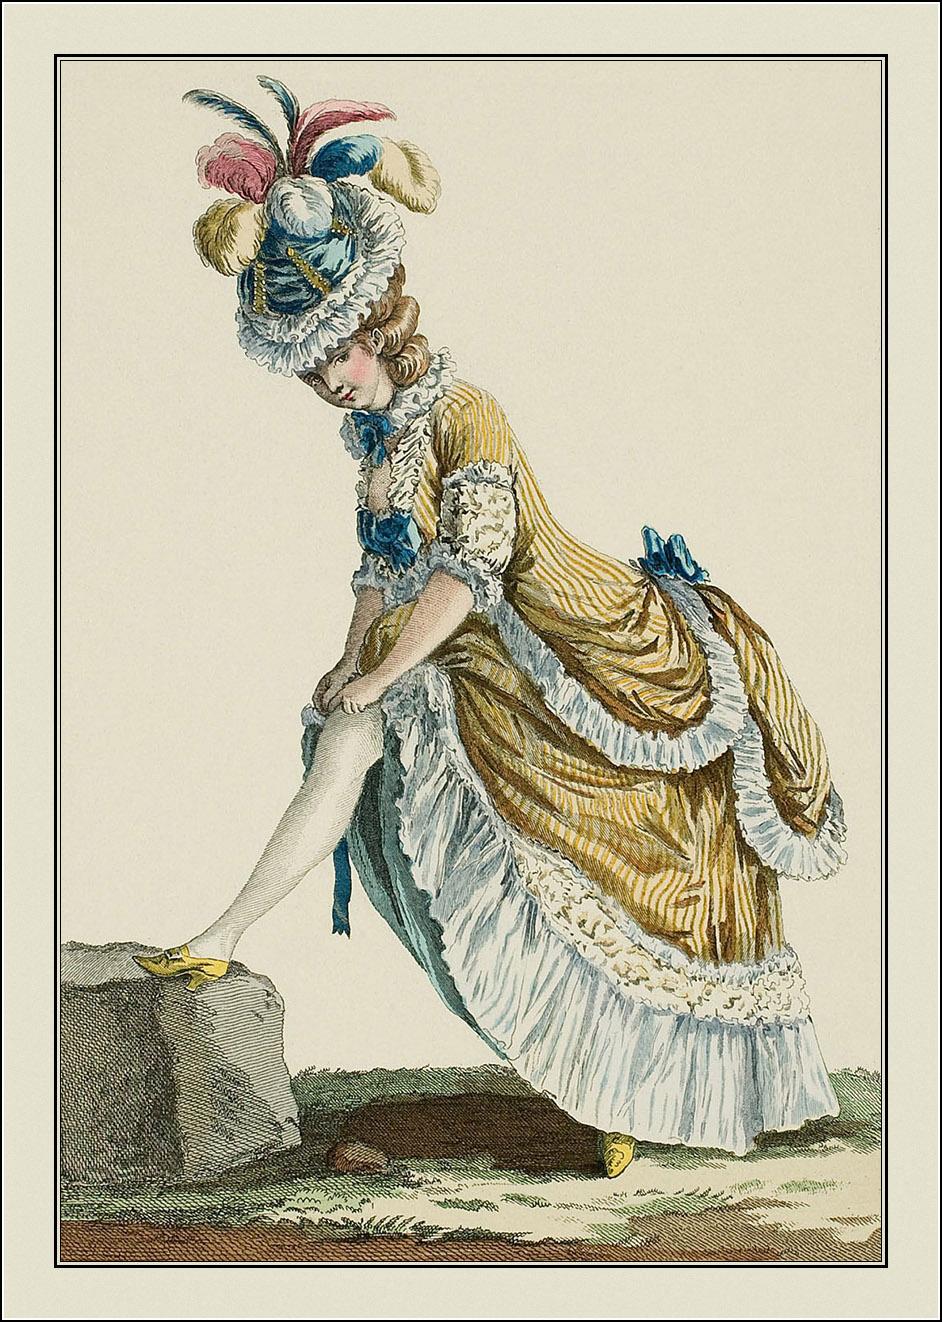 Galerie des Modes et Costumes Français. 1778-1787.